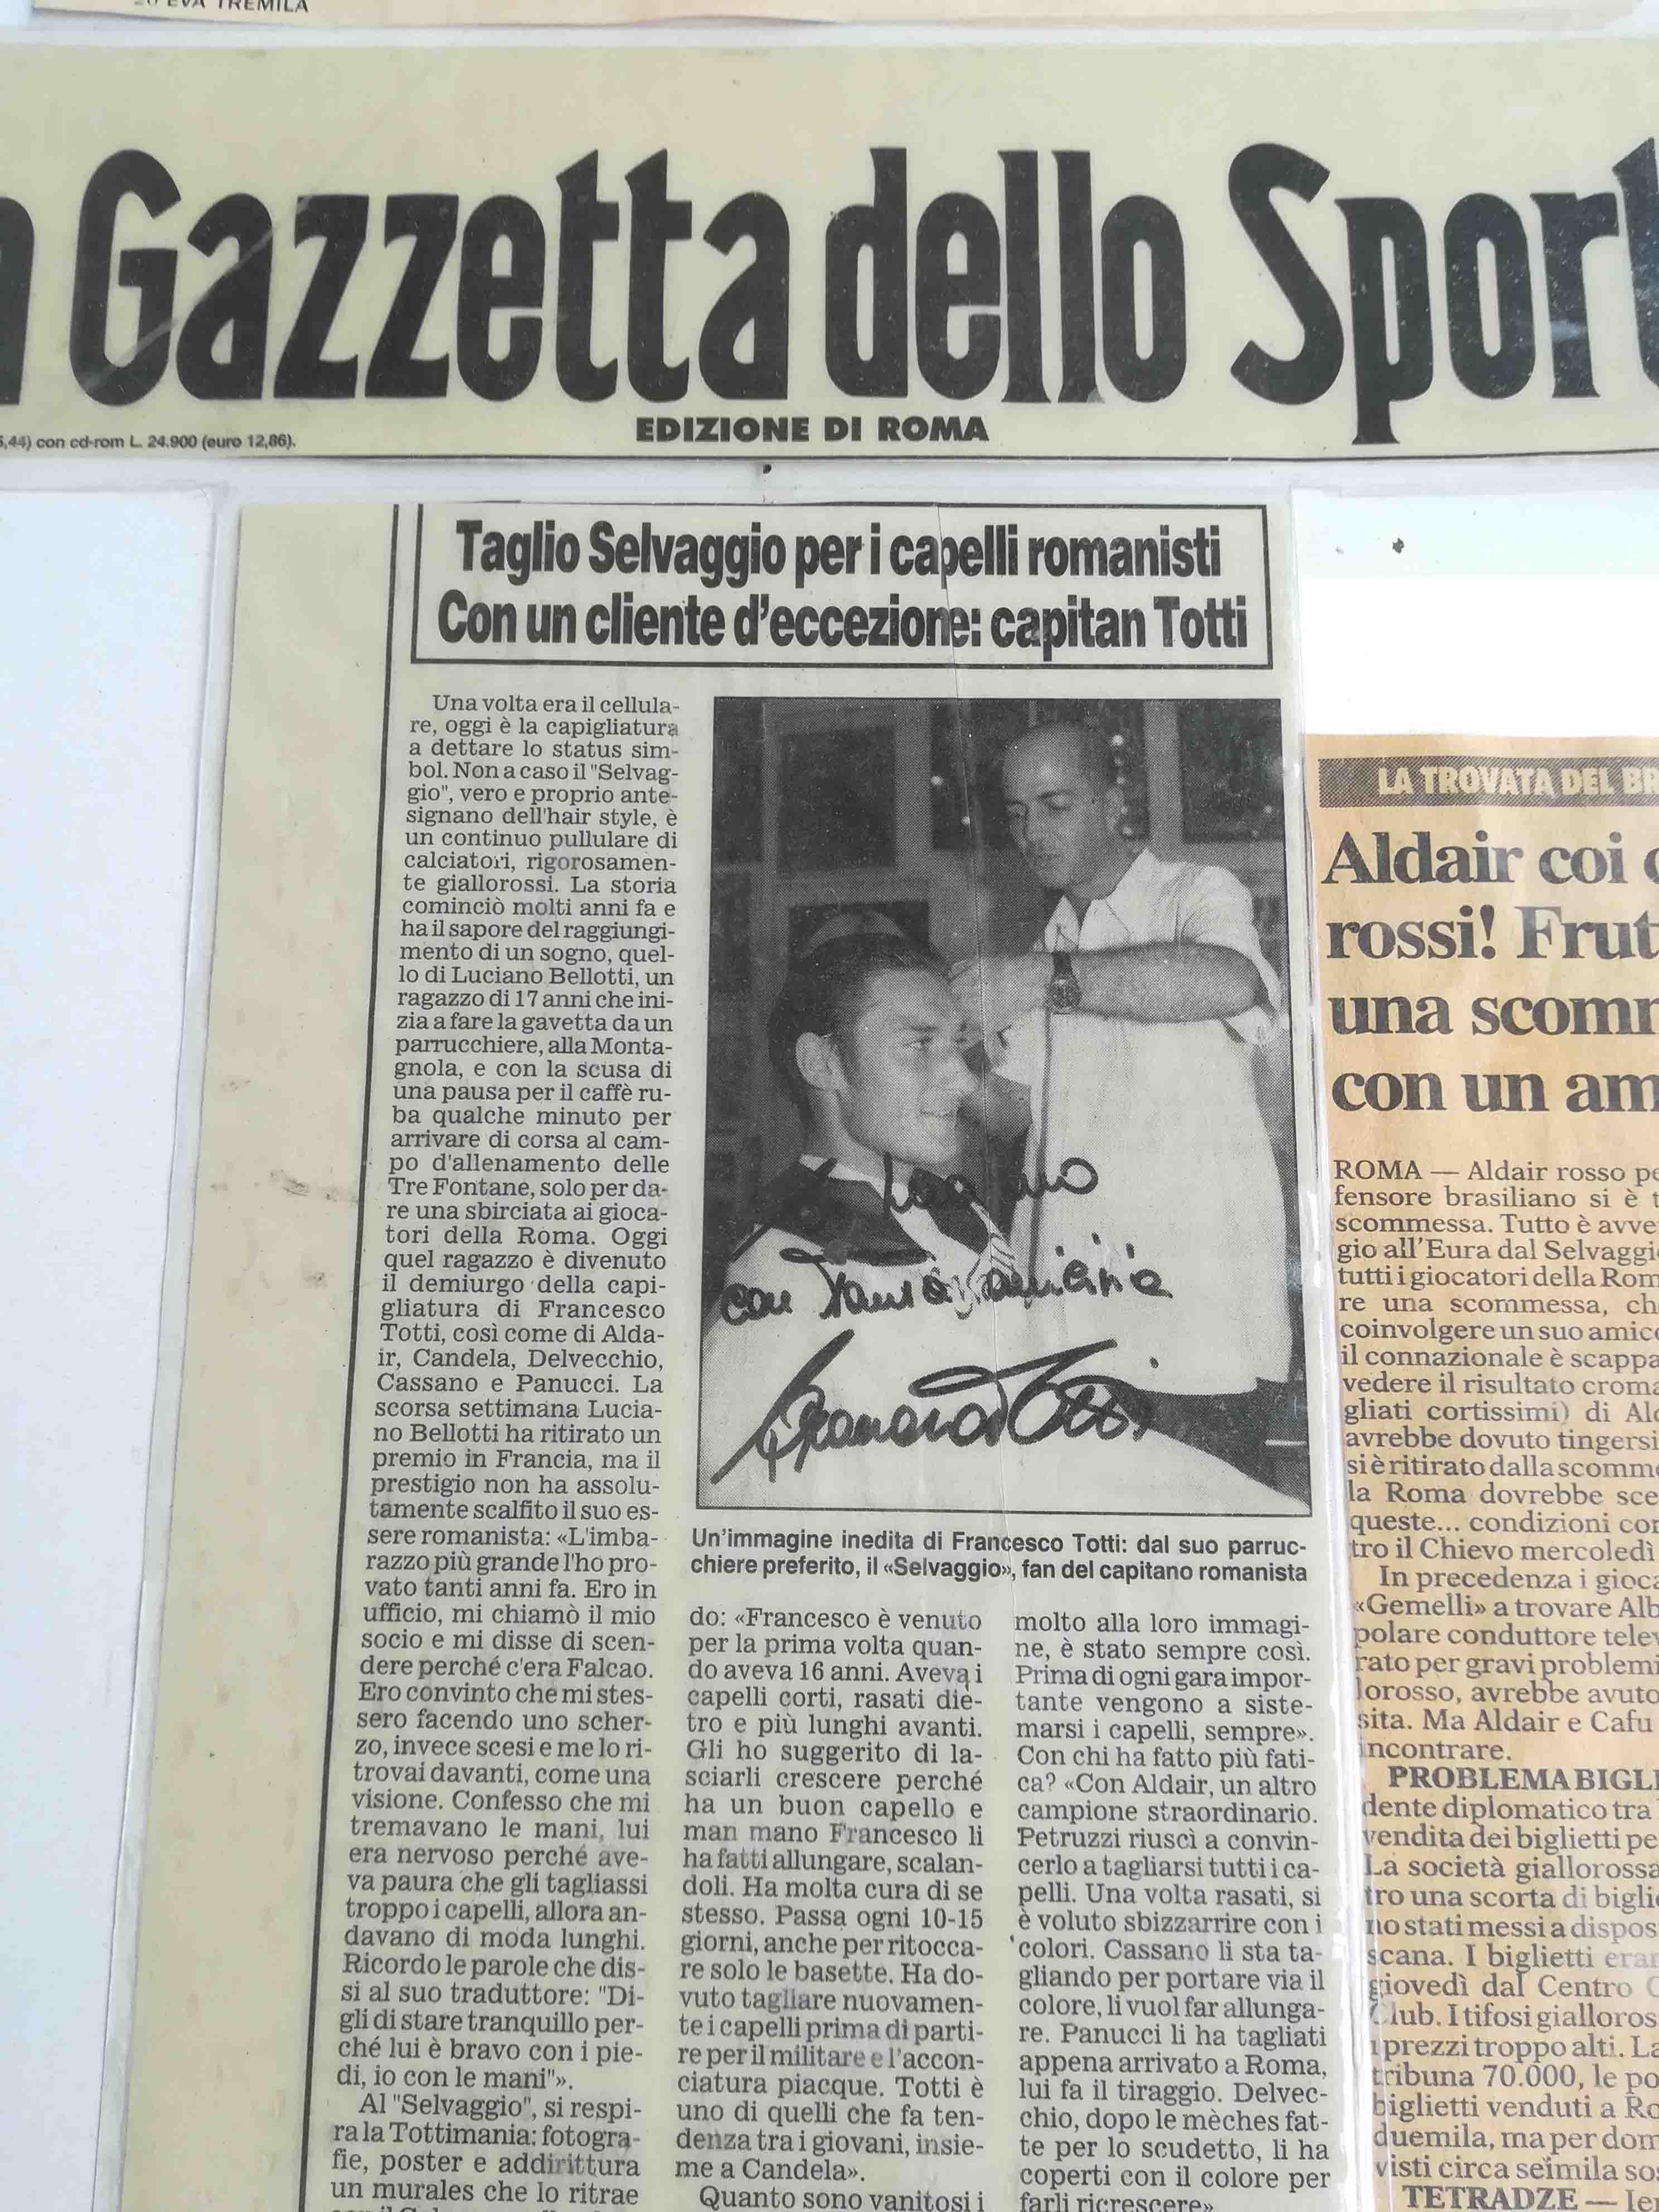 Luciano Bellotti parrucchiere elan roma con Totti